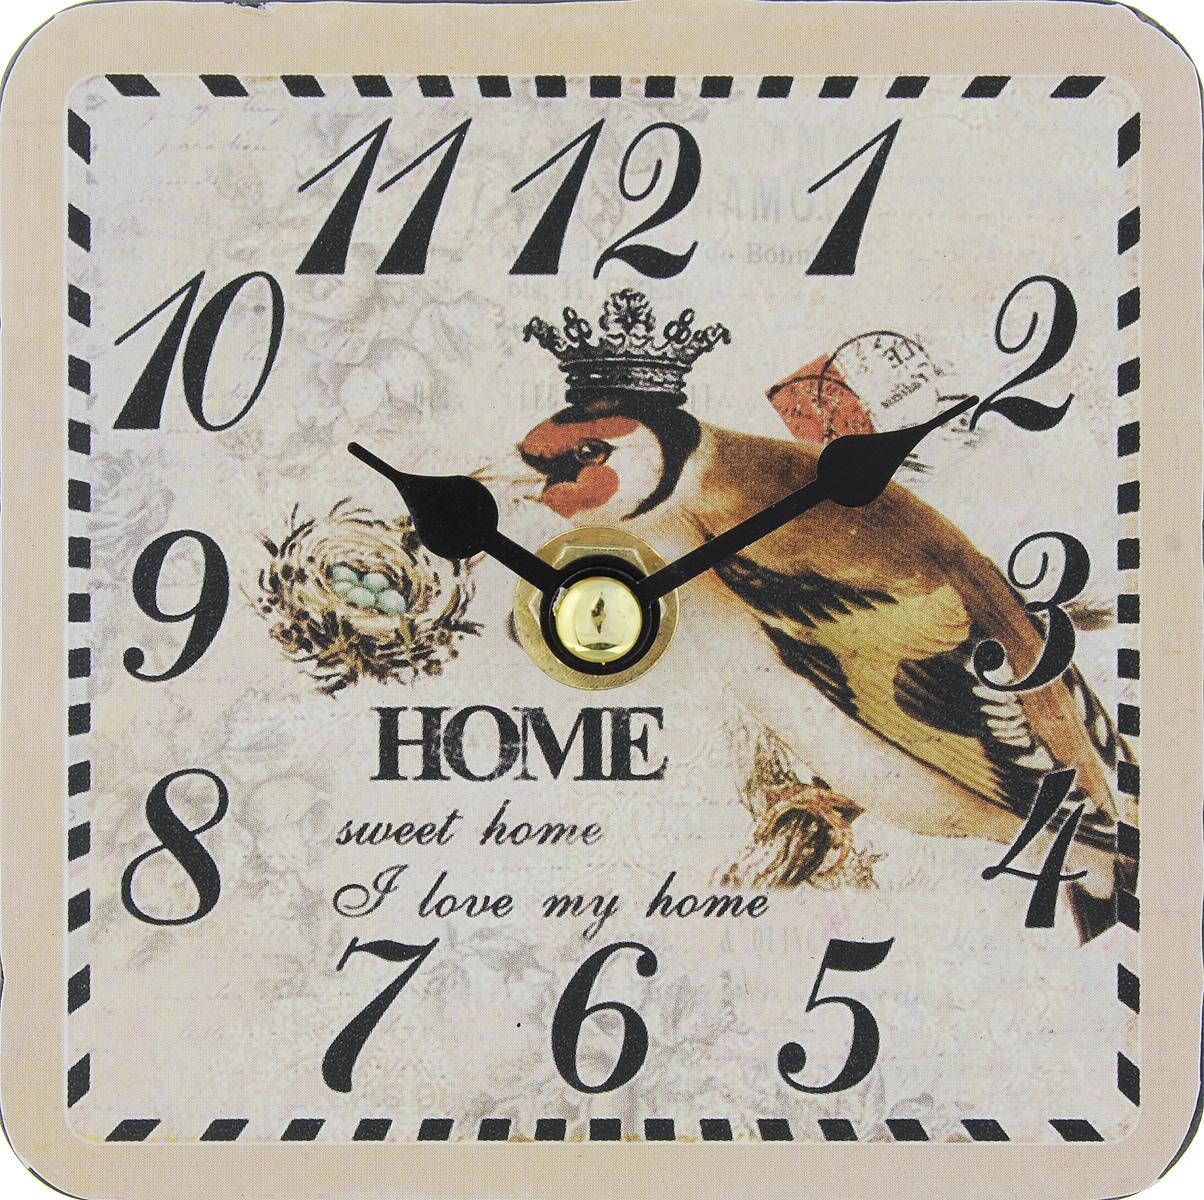 Часы настольные Феникс-Презент Король птиц, 10 х 10 см300074_ежевикаНастольные часы квадратной формы Феникс-Презент Король птиц своим эксклюзивным дизайном подчеркнут оригинальность интерьера вашего дома. Циферблат оформлен изображением птицы. Часы выполнены из МДФ. МДФ (мелкодисперсные фракции) представляет собой плиту из запрессованной вакуумным способом деревянной пыли и является наиболее экологически чистым материалом среди себе подобных. Часы имеют две стрелки - часовую и минутную.Настольные часы Феникс-Презент Король птиц подходят для кухни, гостиной, прихожей или дачи, а также могут стать отличным подарком для друзей и близких.ВНИМАНИЕ!!! Часы работают от сменной батареи типа АА 1,5V (в комплект не входит).